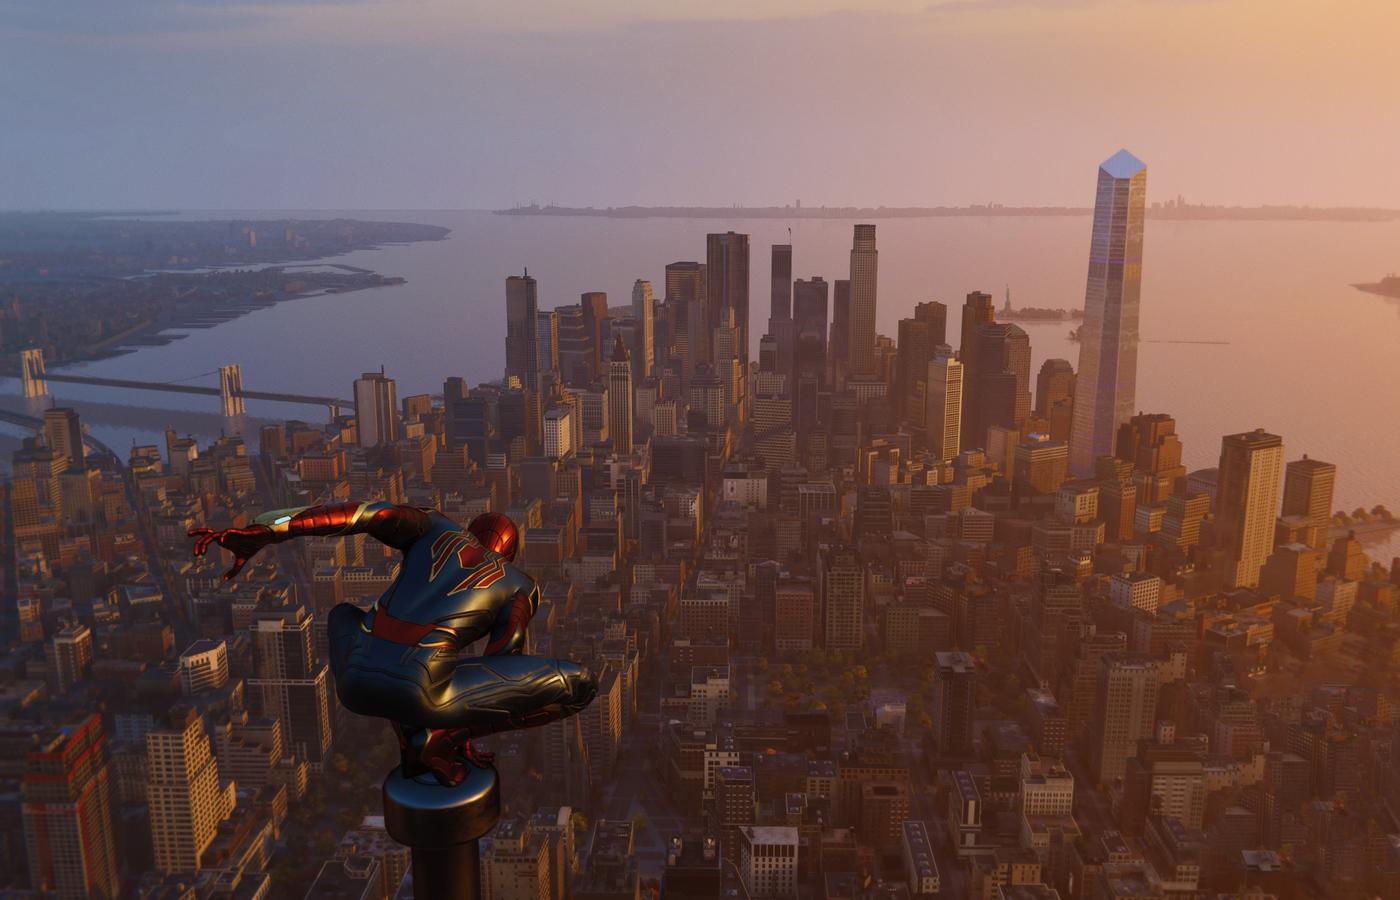 Resultado de imagem para spider man ps4 city